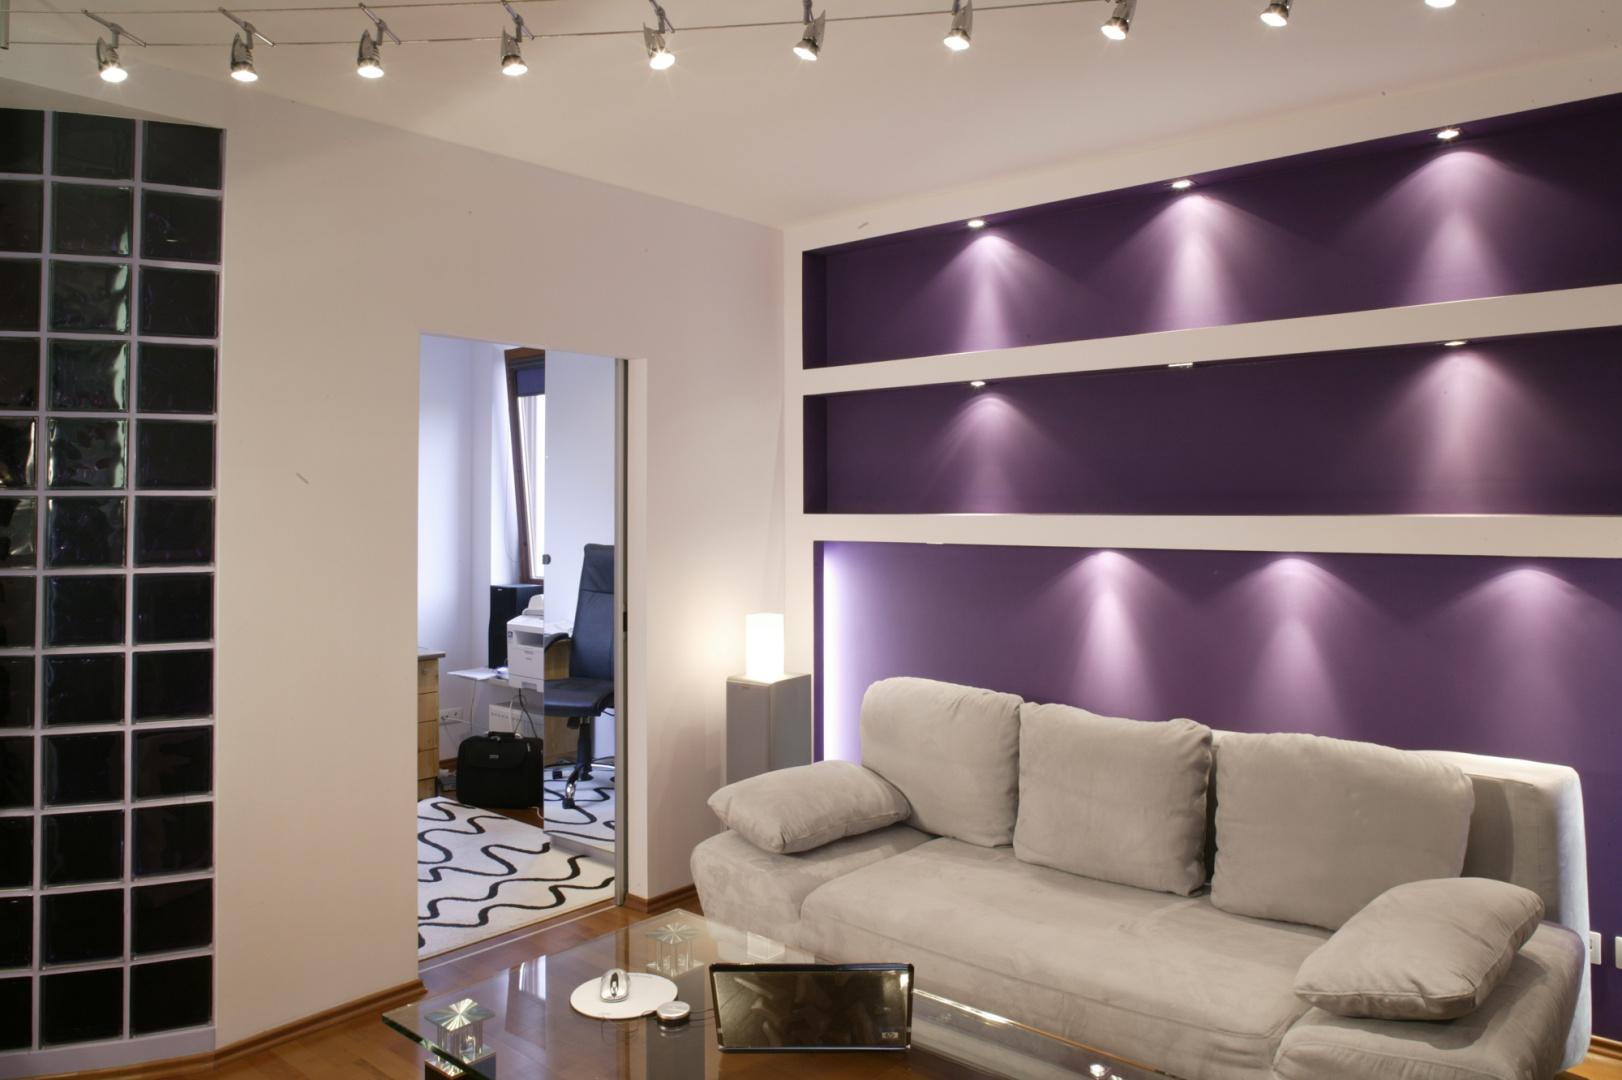 Zamiast żyrandola, pod sufitem salonu zawisł rząd halogenowych lampek na stalowych linkach. Fot. Monika Filipiuk.